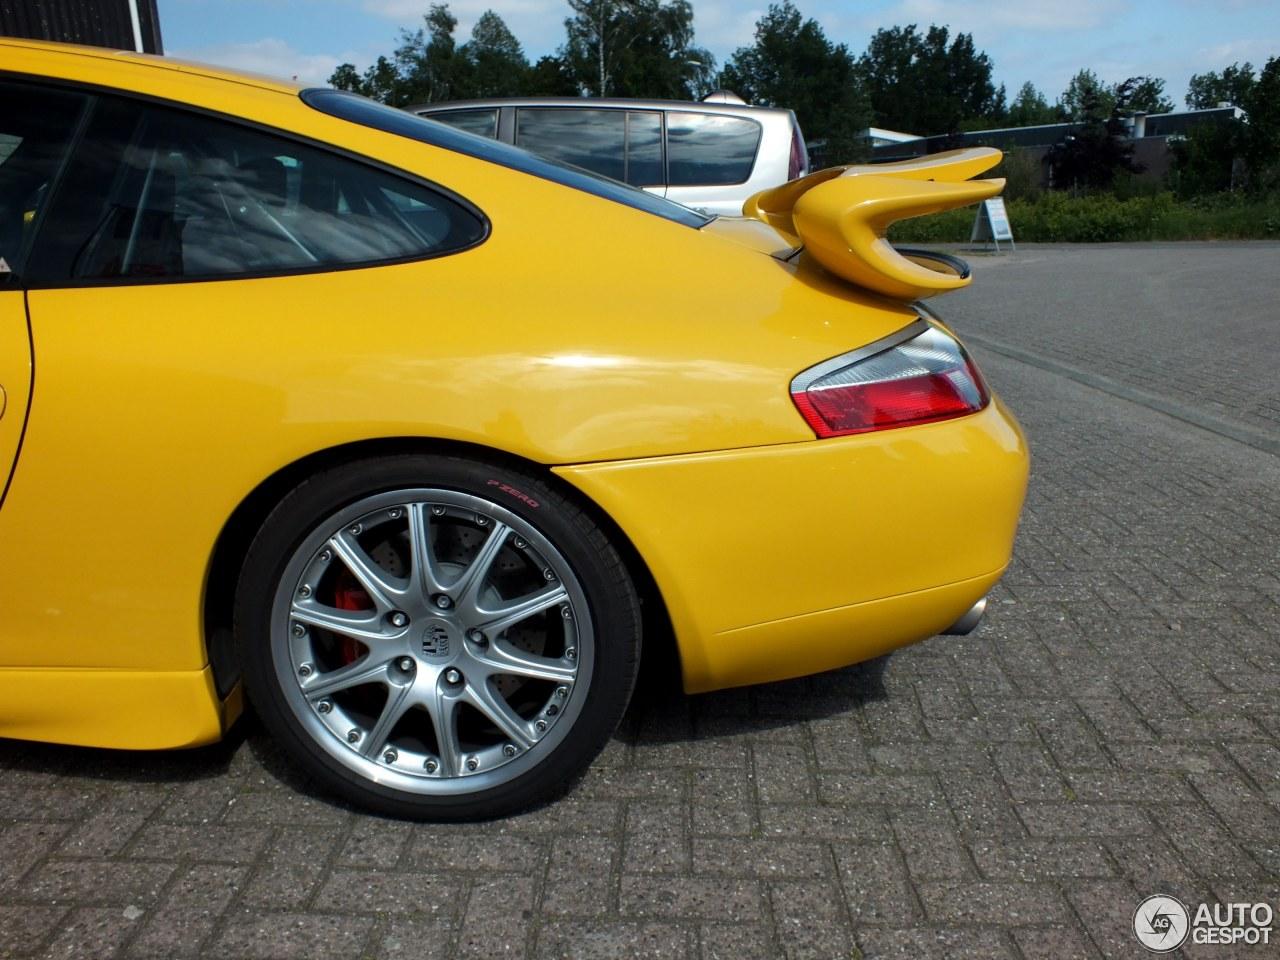 Porsche 996 gt3 mki 10 june 2013 autogespot for Interieur 996